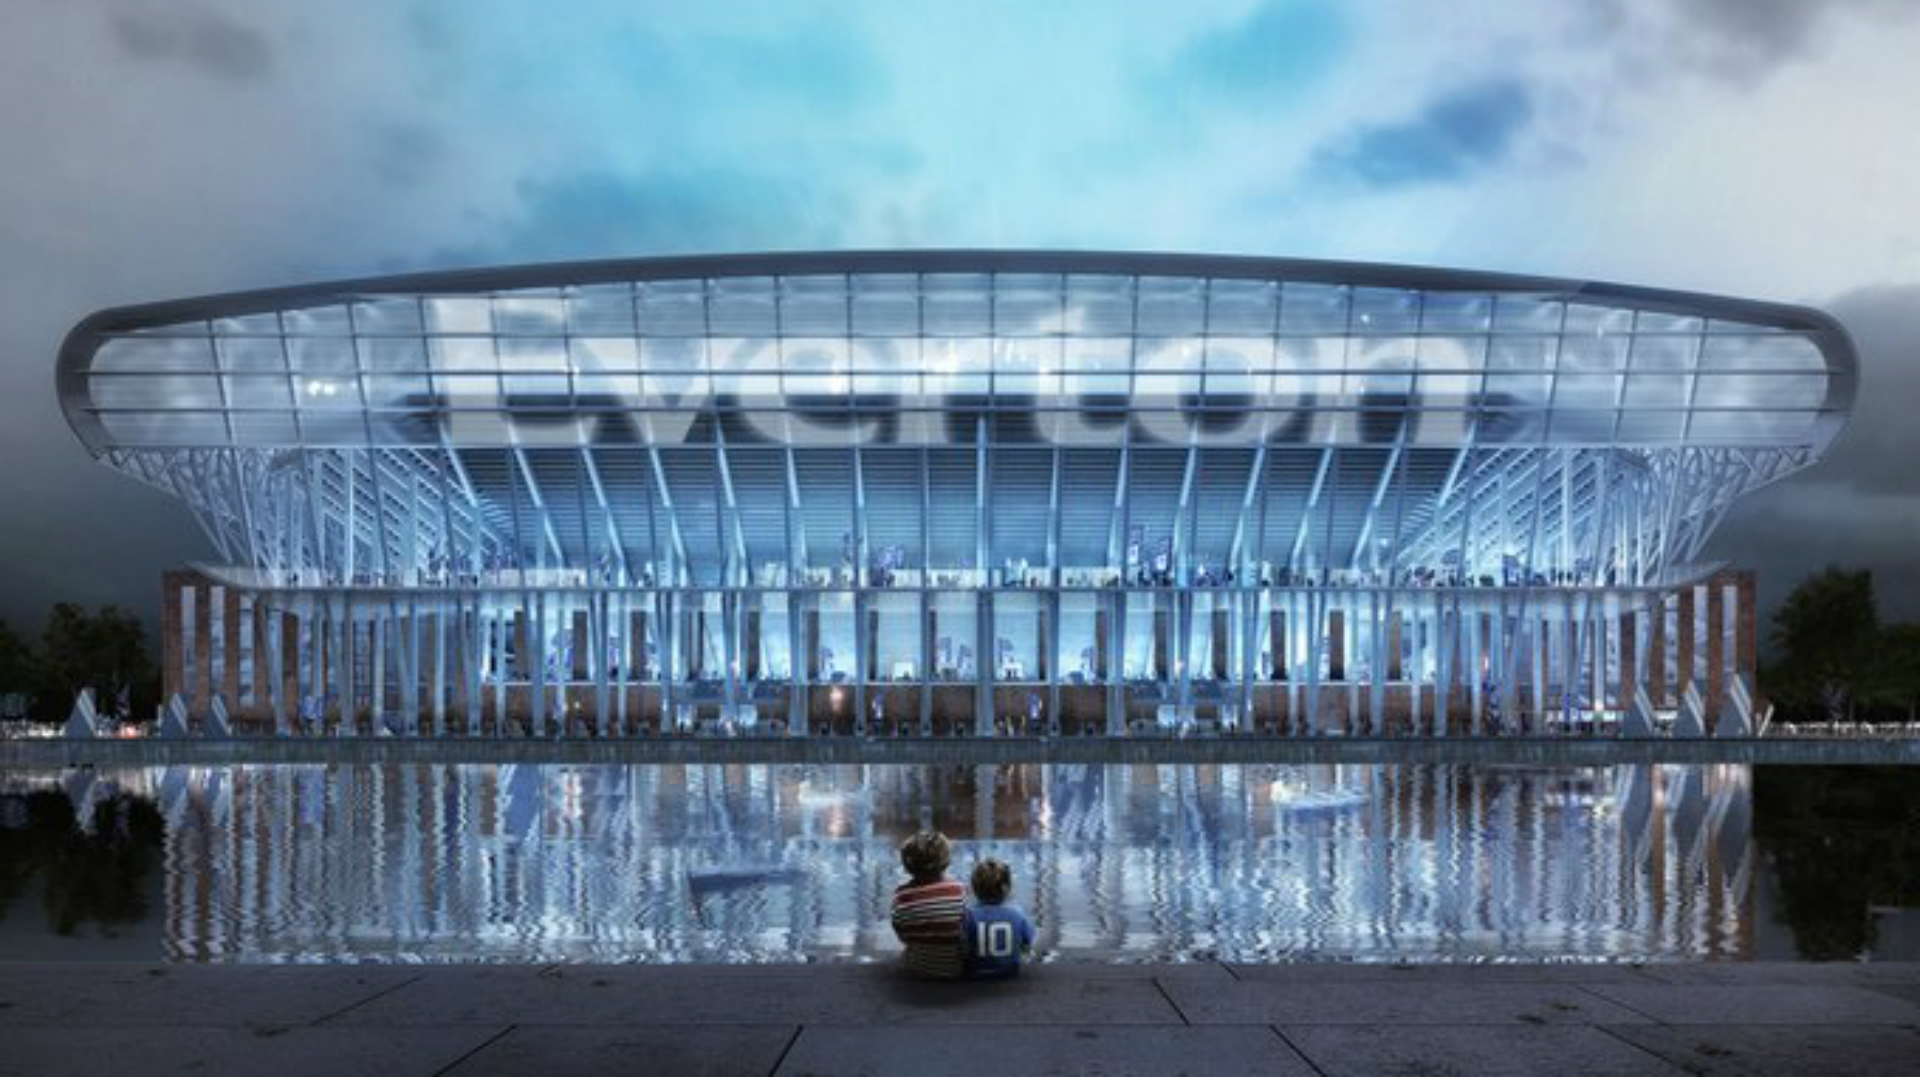 Everton stadium designs revealed